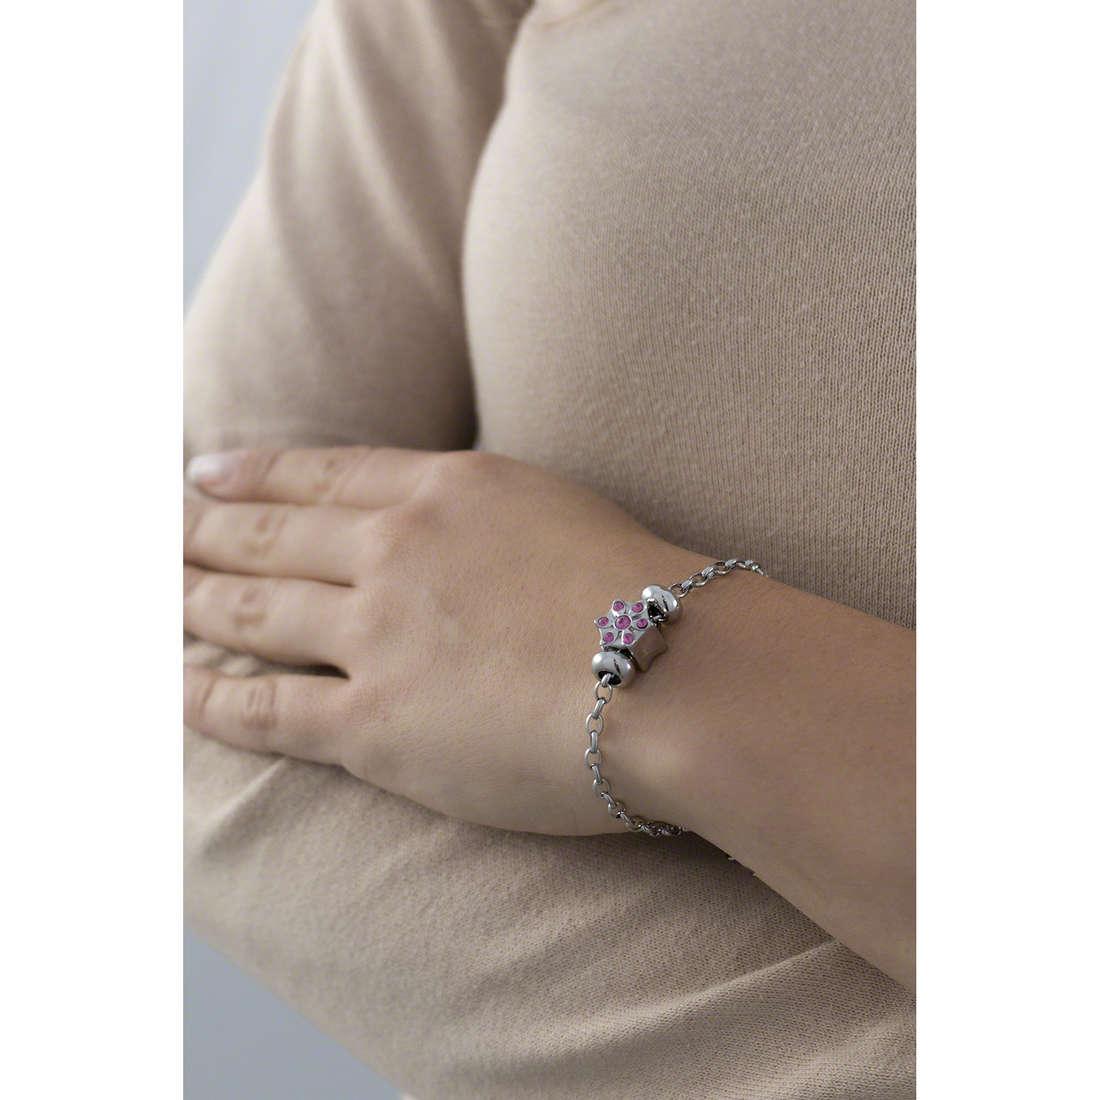 Morellato bracciali Drops donna SCZ525 indosso